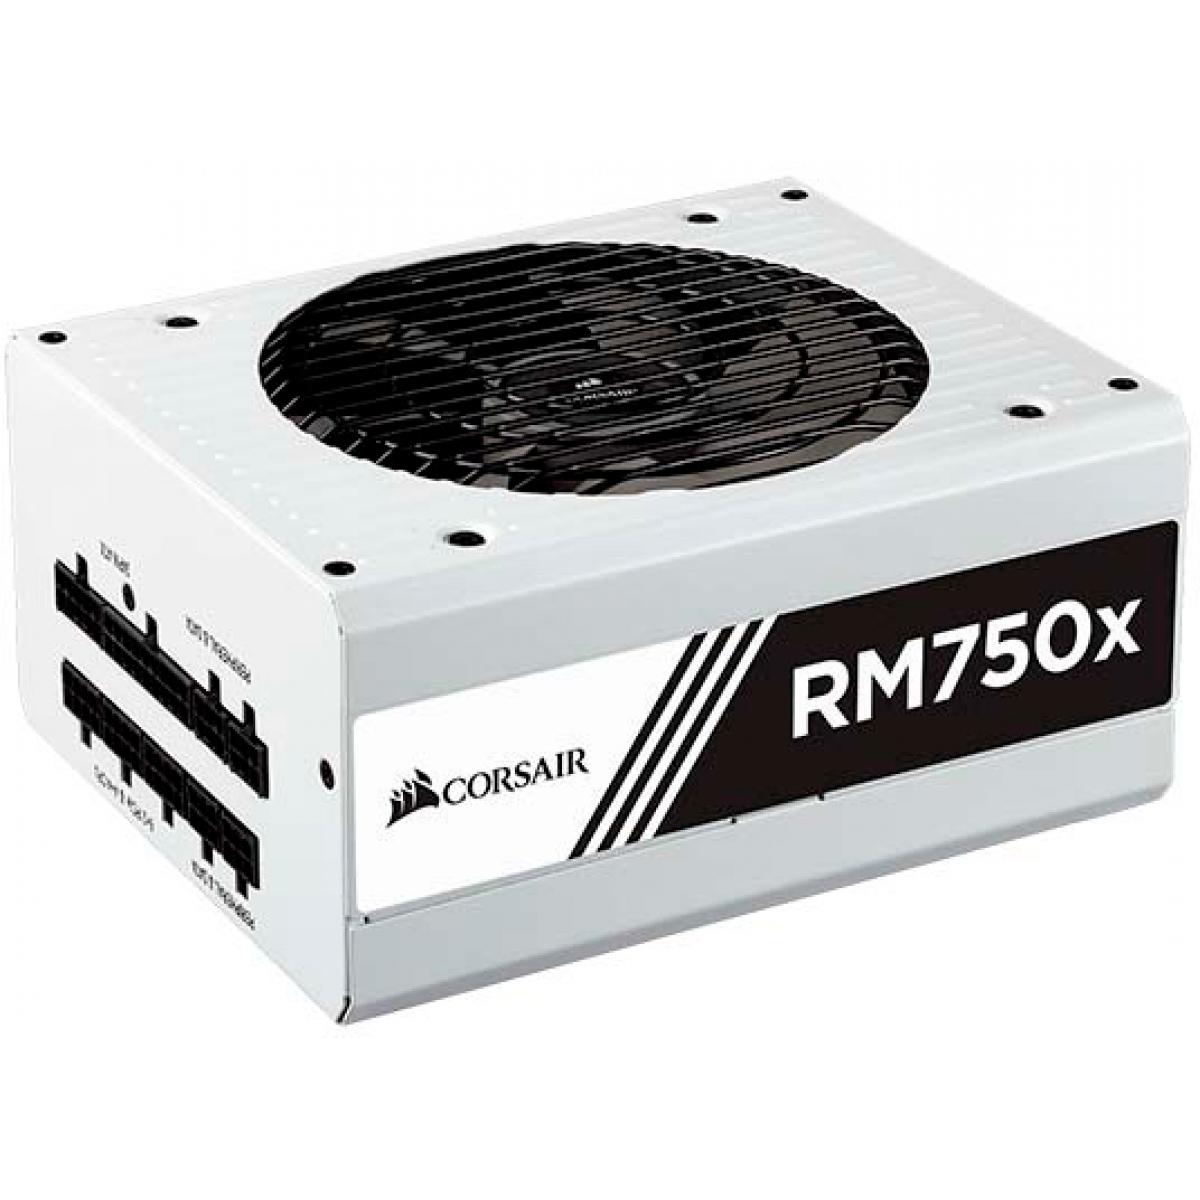 Fonte Corsair RM750x 750W, 80 Plus Gold, PFC Ativo, Full Modular, White, CP-9020155-WW